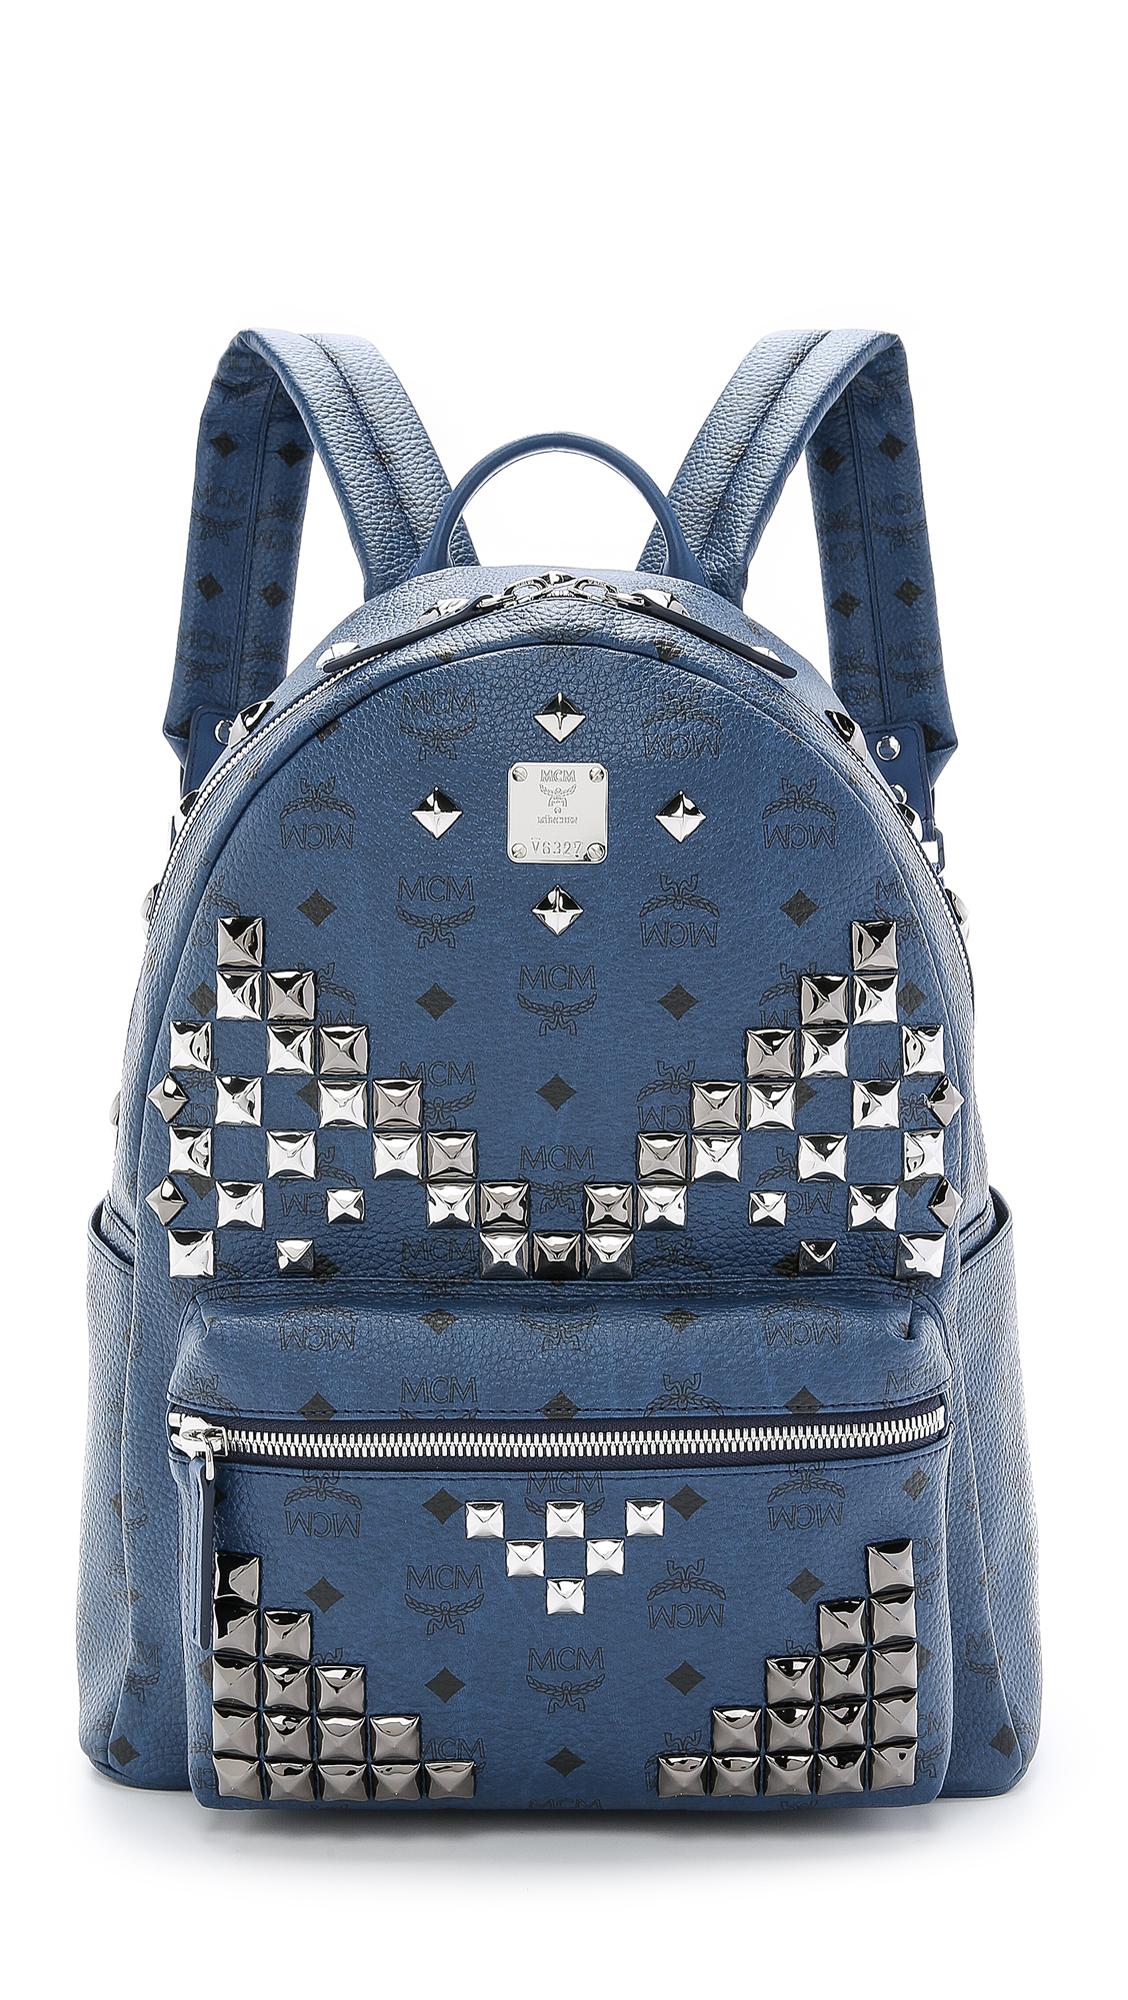 Lyst Mcm M Studded Stark Backpack In Blue For Men